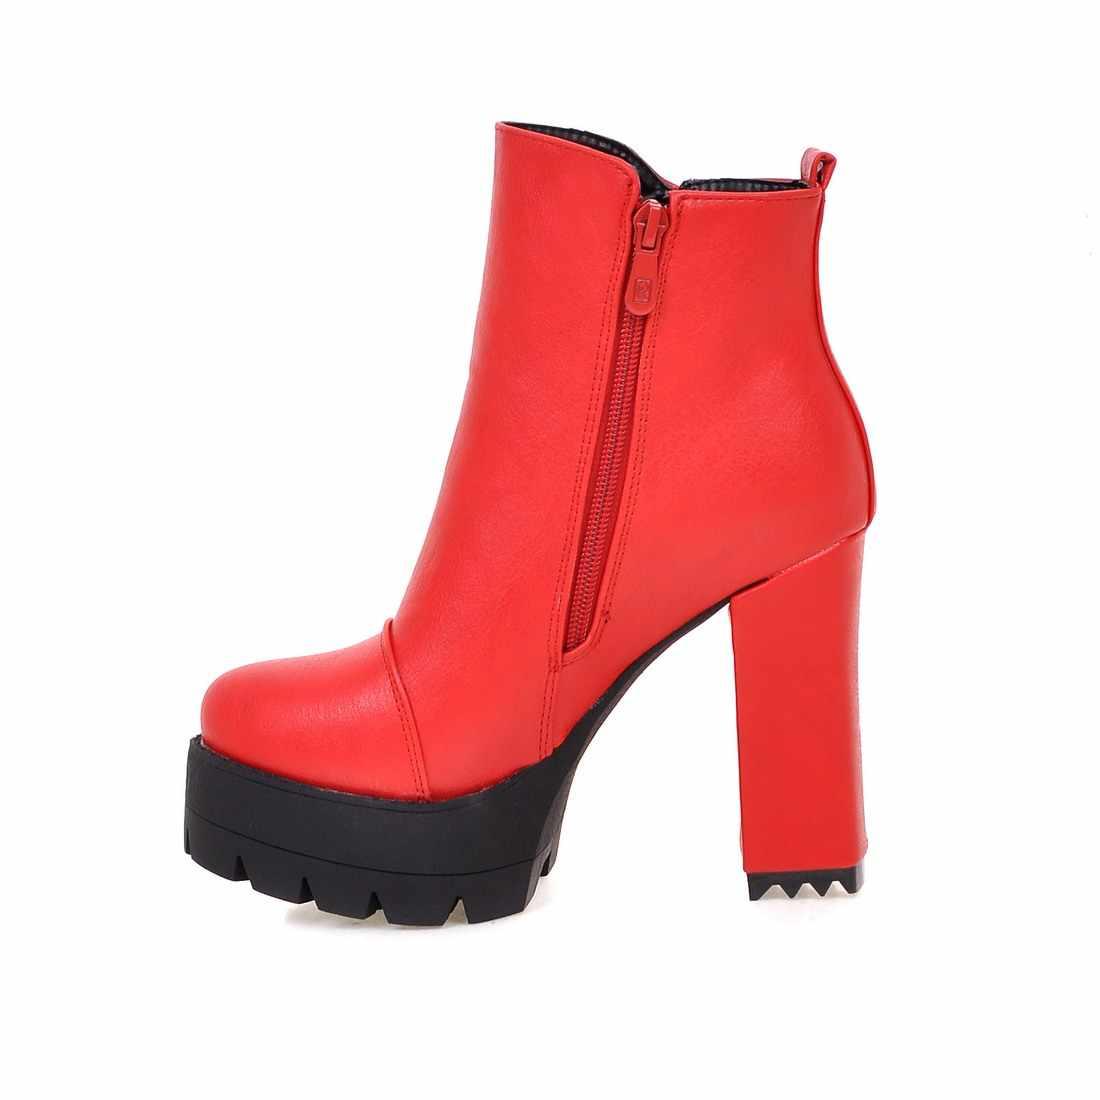 Moda Platformu yarım çizmeler Kare Yüksek Topuk Kışlık Botlar Kadın Fermuar Yuvarlak Ayak Kadın Patik Artı Boyutu Siyah Kırmızı Gri Sarı